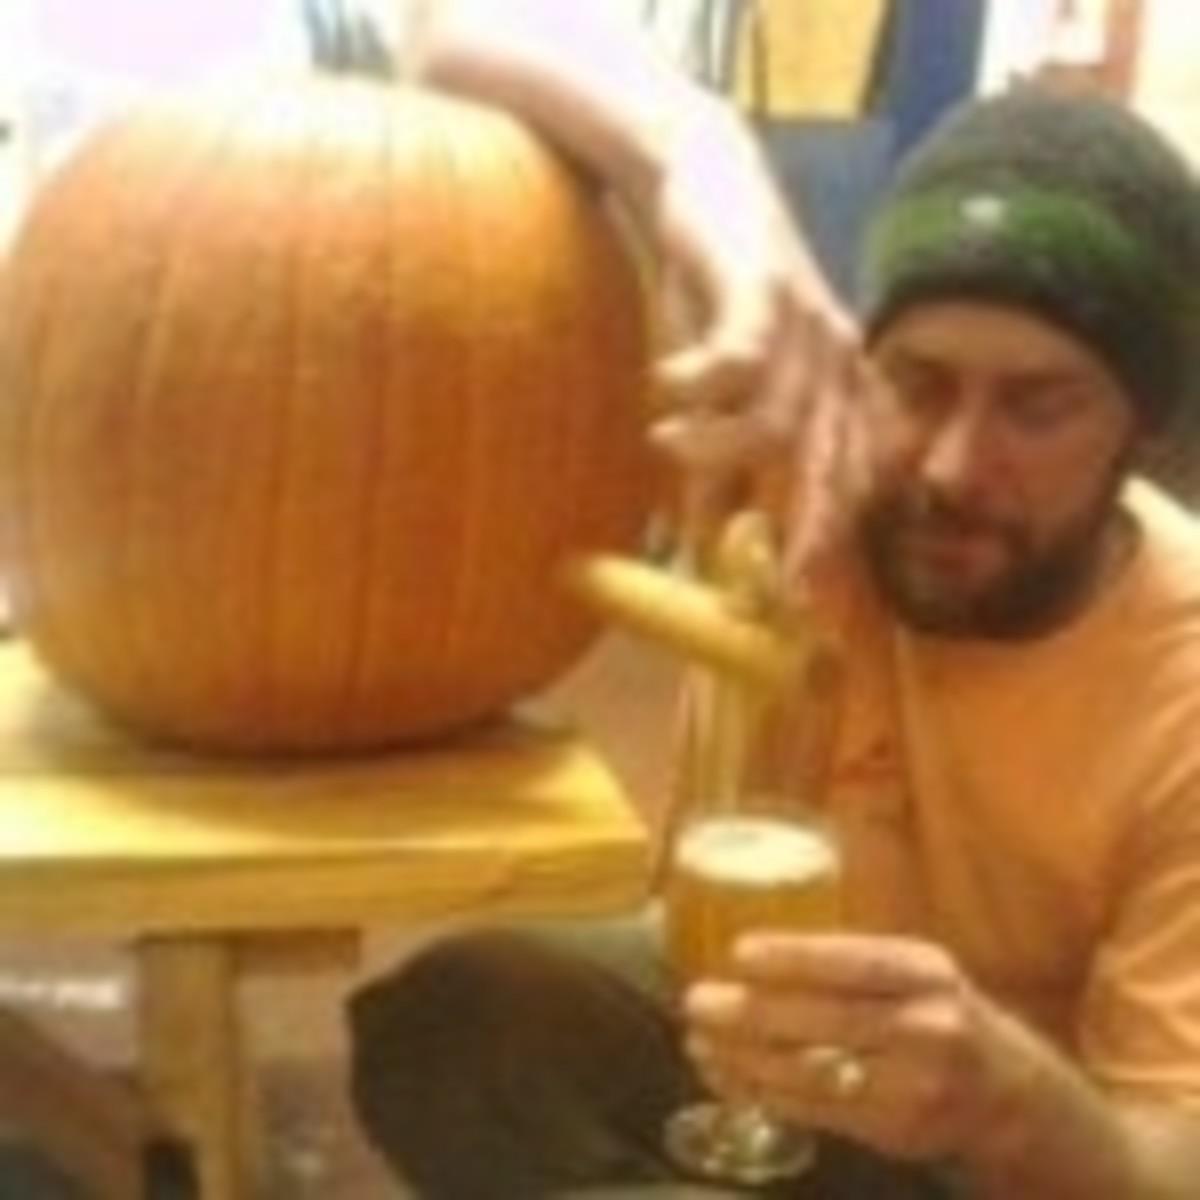 Jason McAdam drinking pumpkin beer from a pumpkin